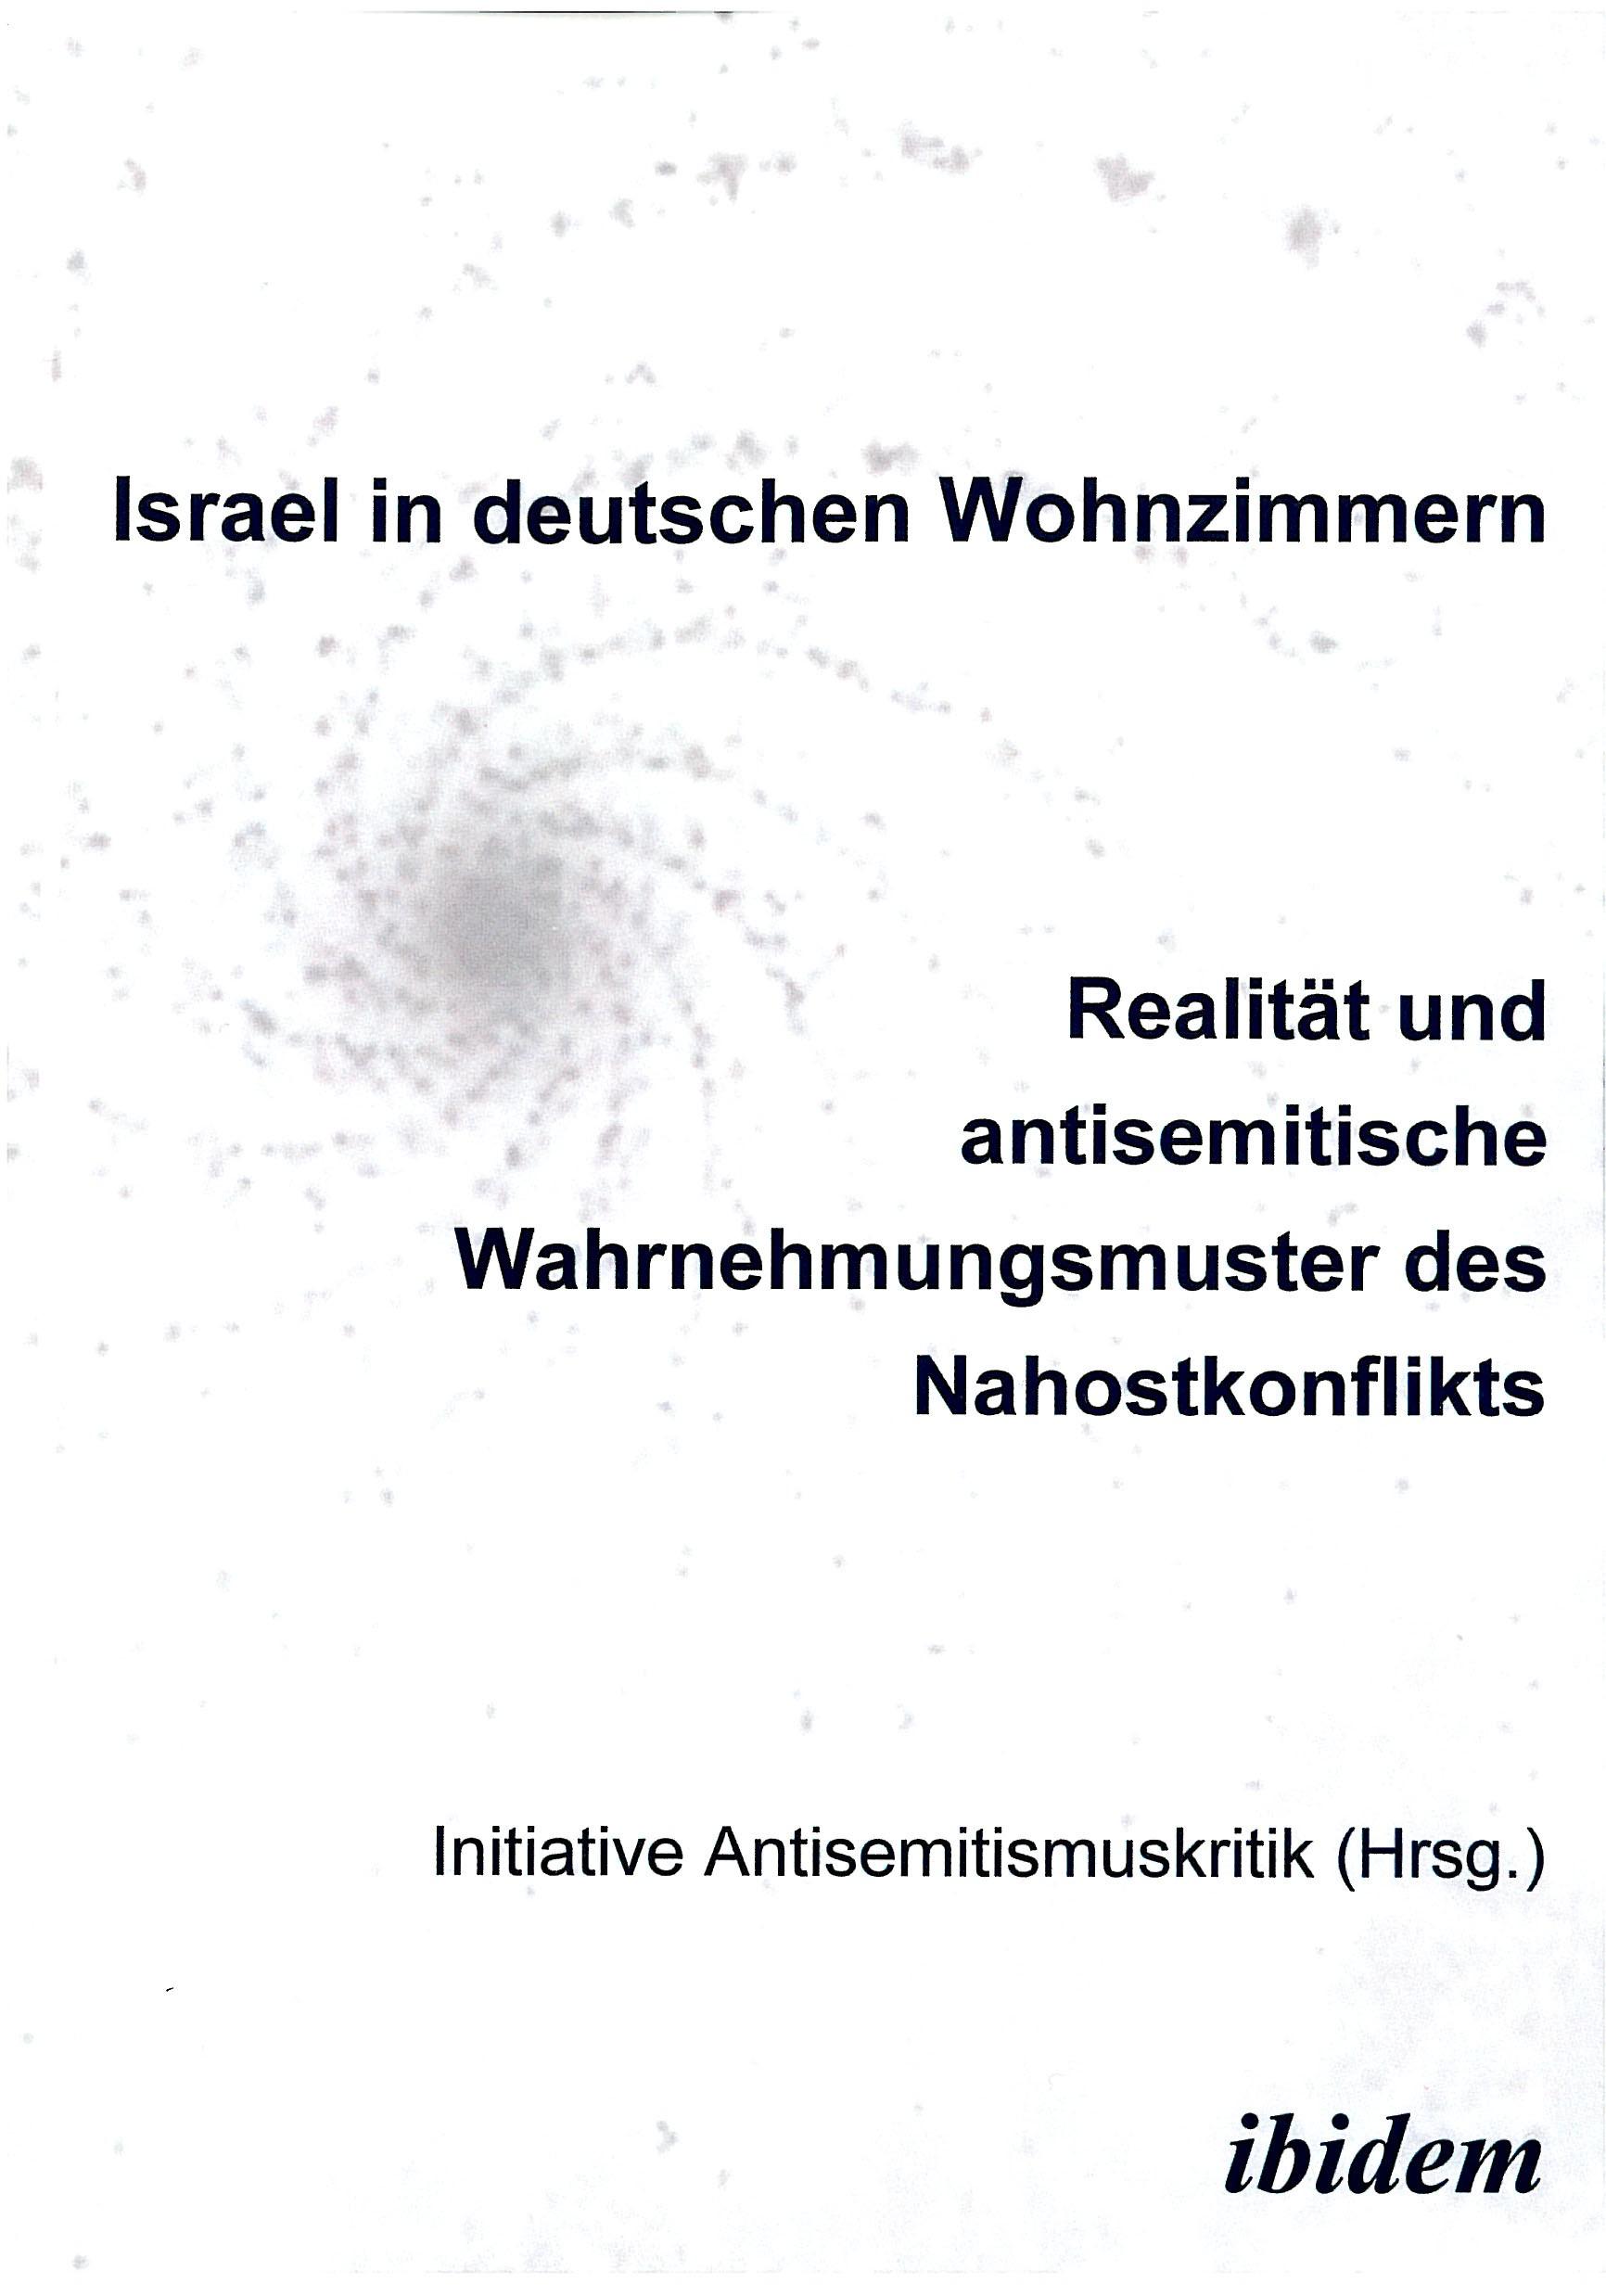 Israel in deutschen Wohnzimmern - Realität und antisemitische Wahrnehmungsmuster des Nahostkonflikts